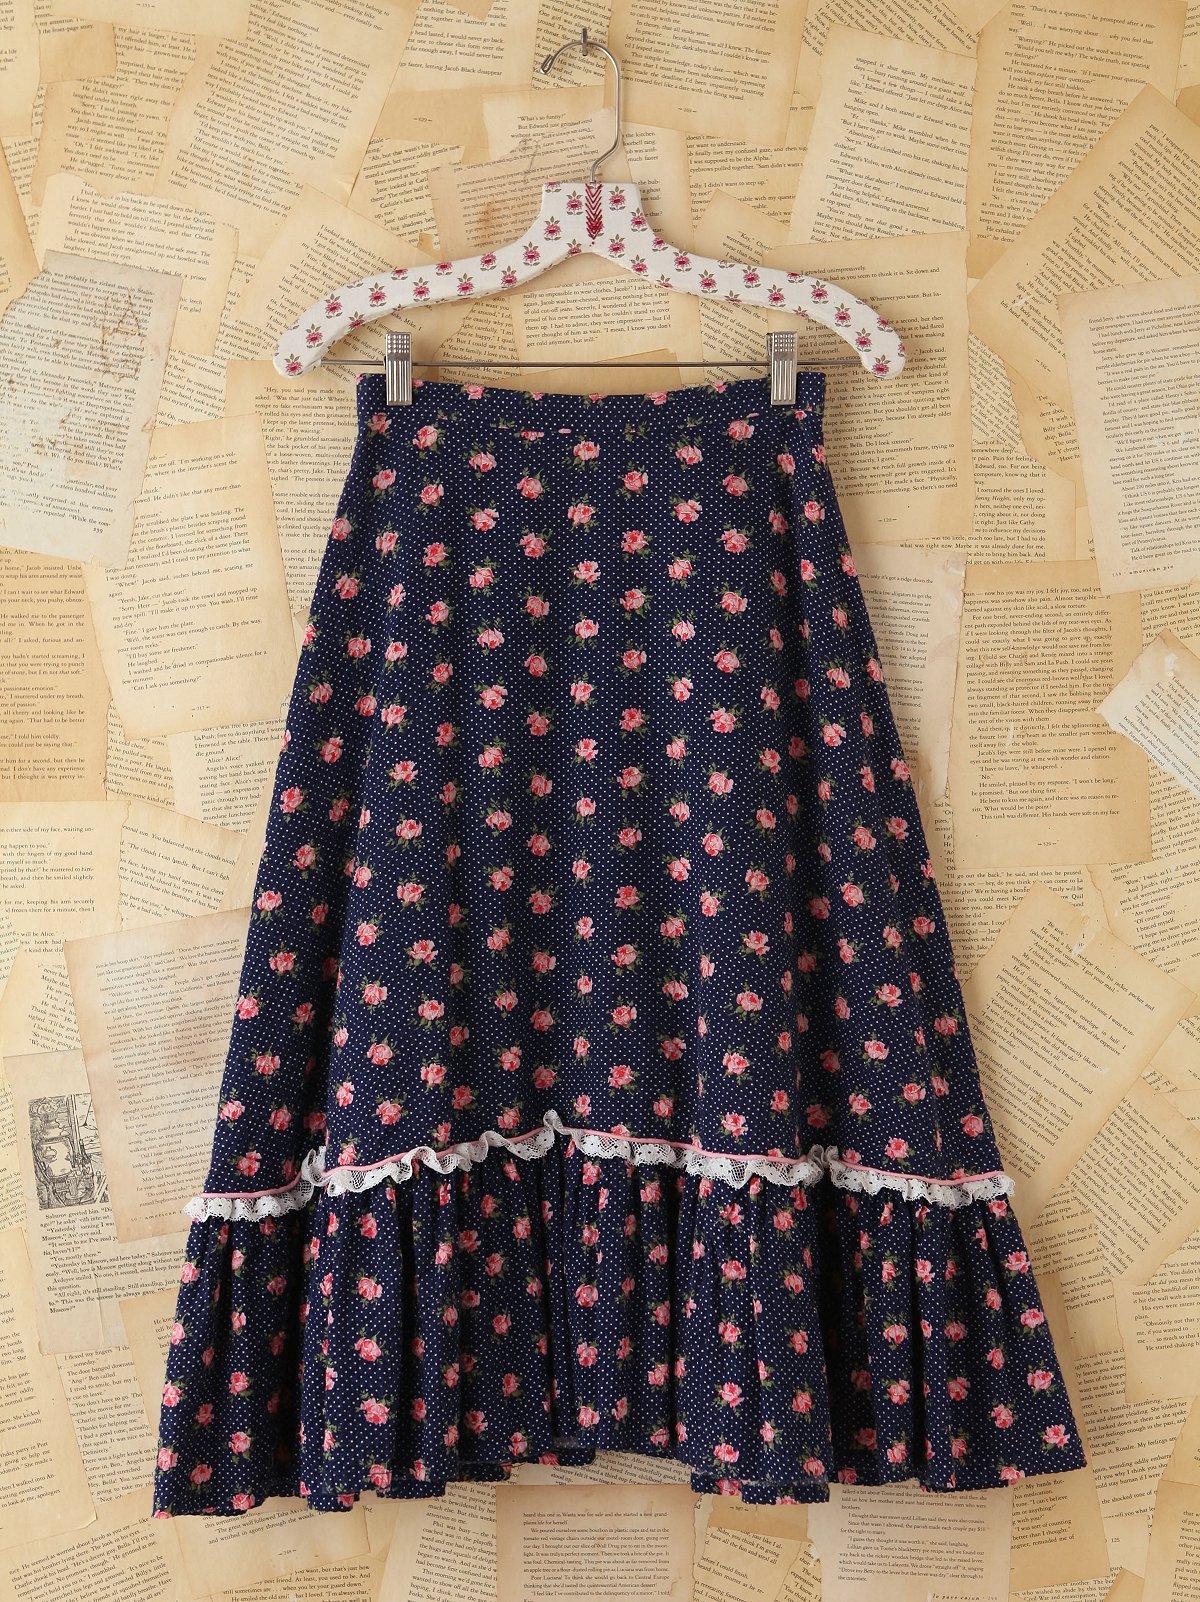 Vintage Ditzy Floral Skirt